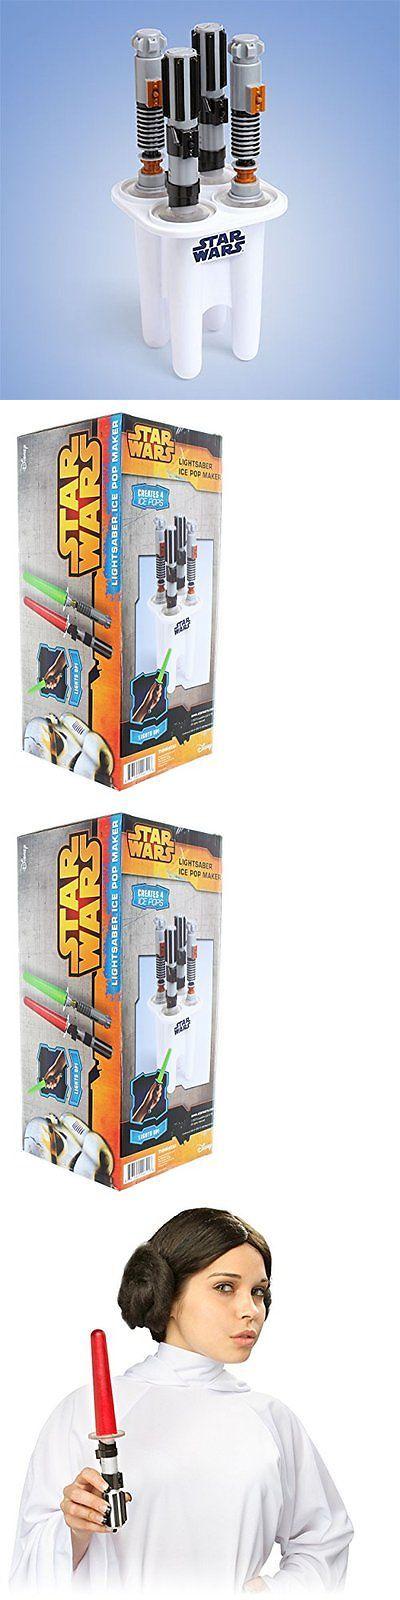 Ice Pop Molds 178056: Star Wars Lightsaber Ice Pop Maker By Thinkgeek -> BUY IT NOW ONLY: $76.22 on eBay!